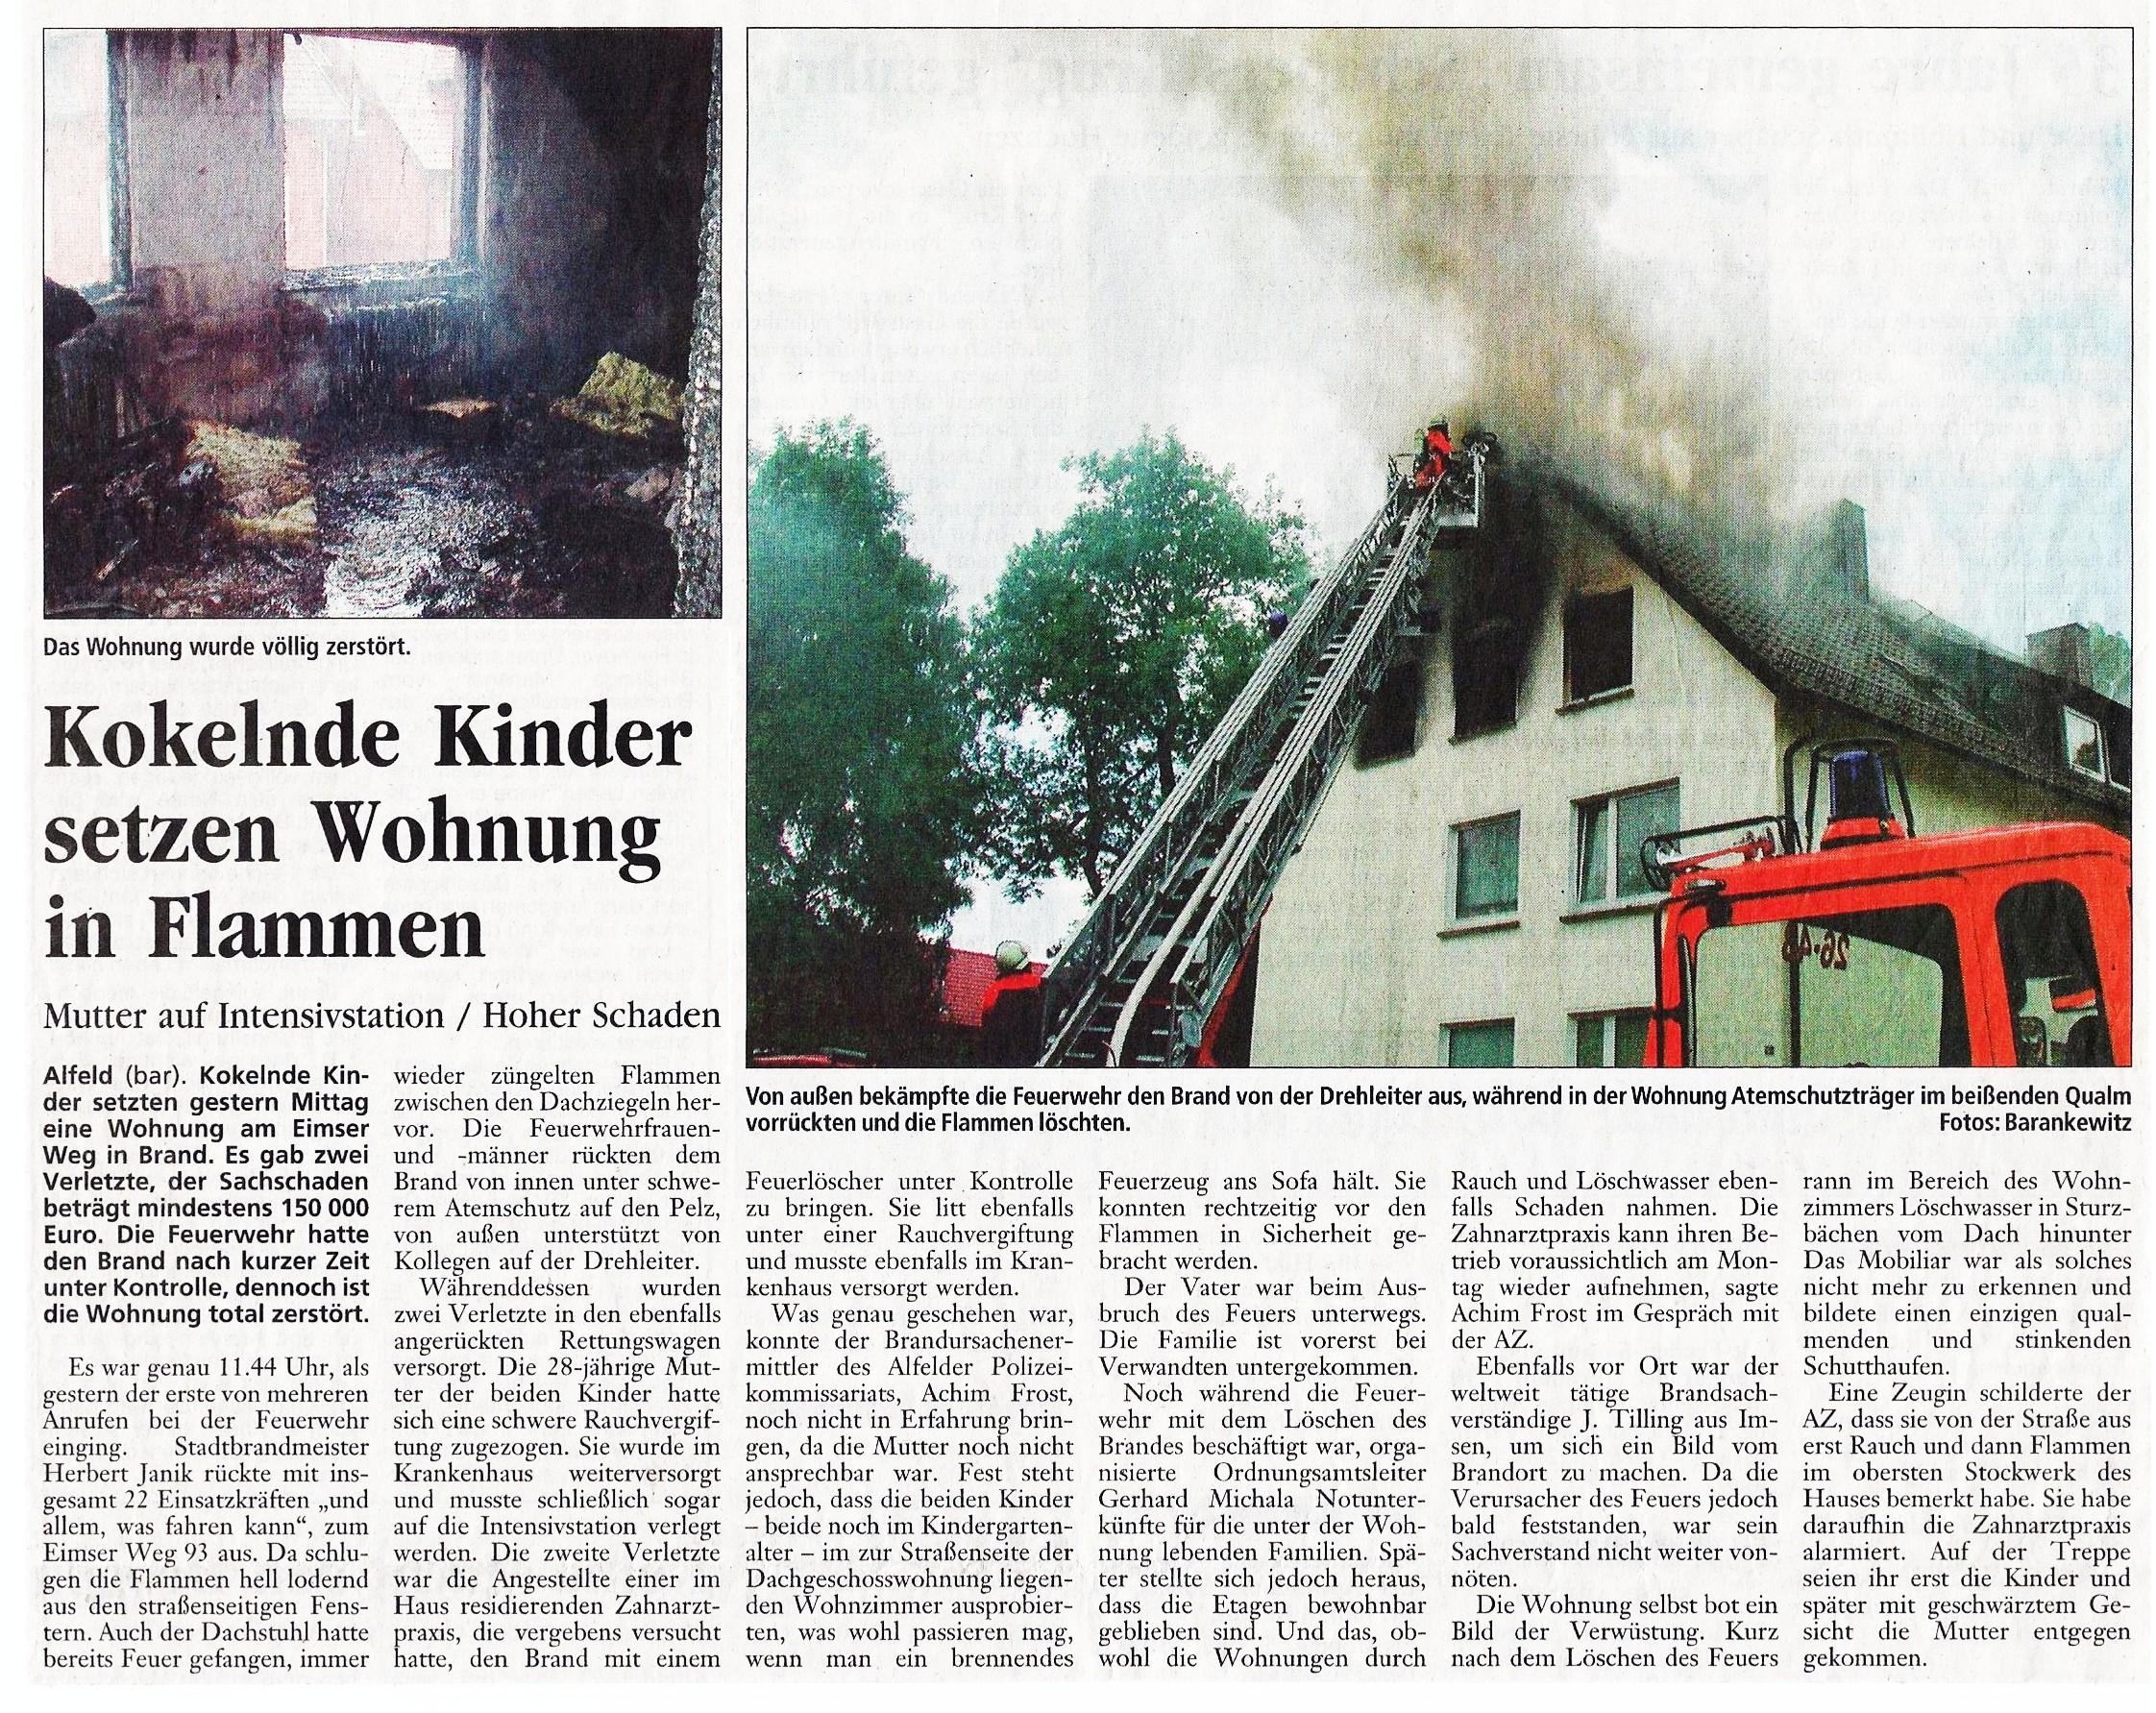 2003-06-21 Kokelnde Kinder setzen Wohnung in Flammen